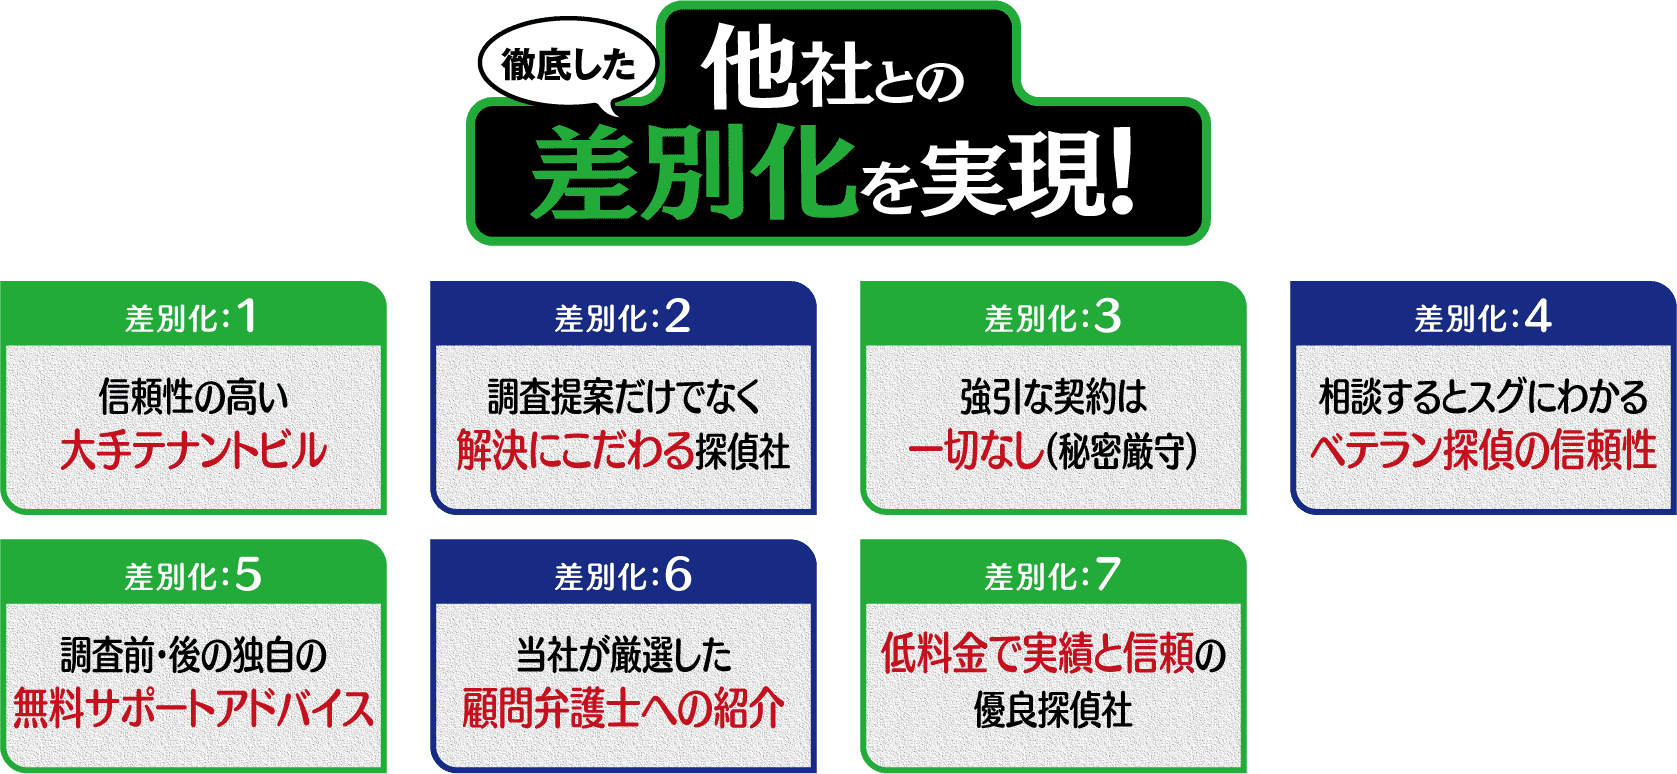 浮気・離婚の差別化を実現!